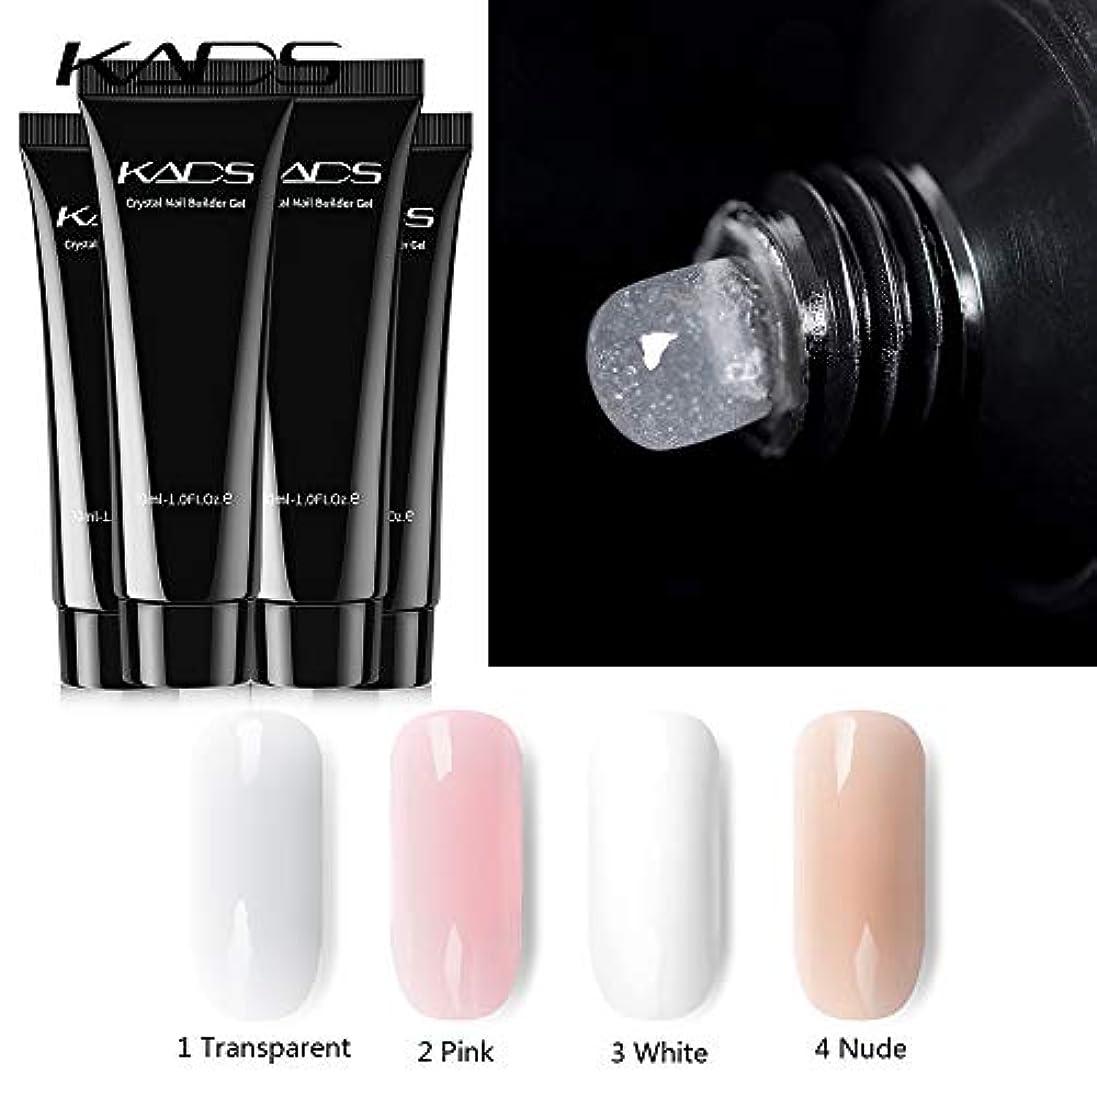 ベスビオ山フォーマルエンジニアKADS 長さだしジェルネイル 4色入り 透明/ピンク/ホワイト/ヌード より良い粘度 美しい発色 (セット3)